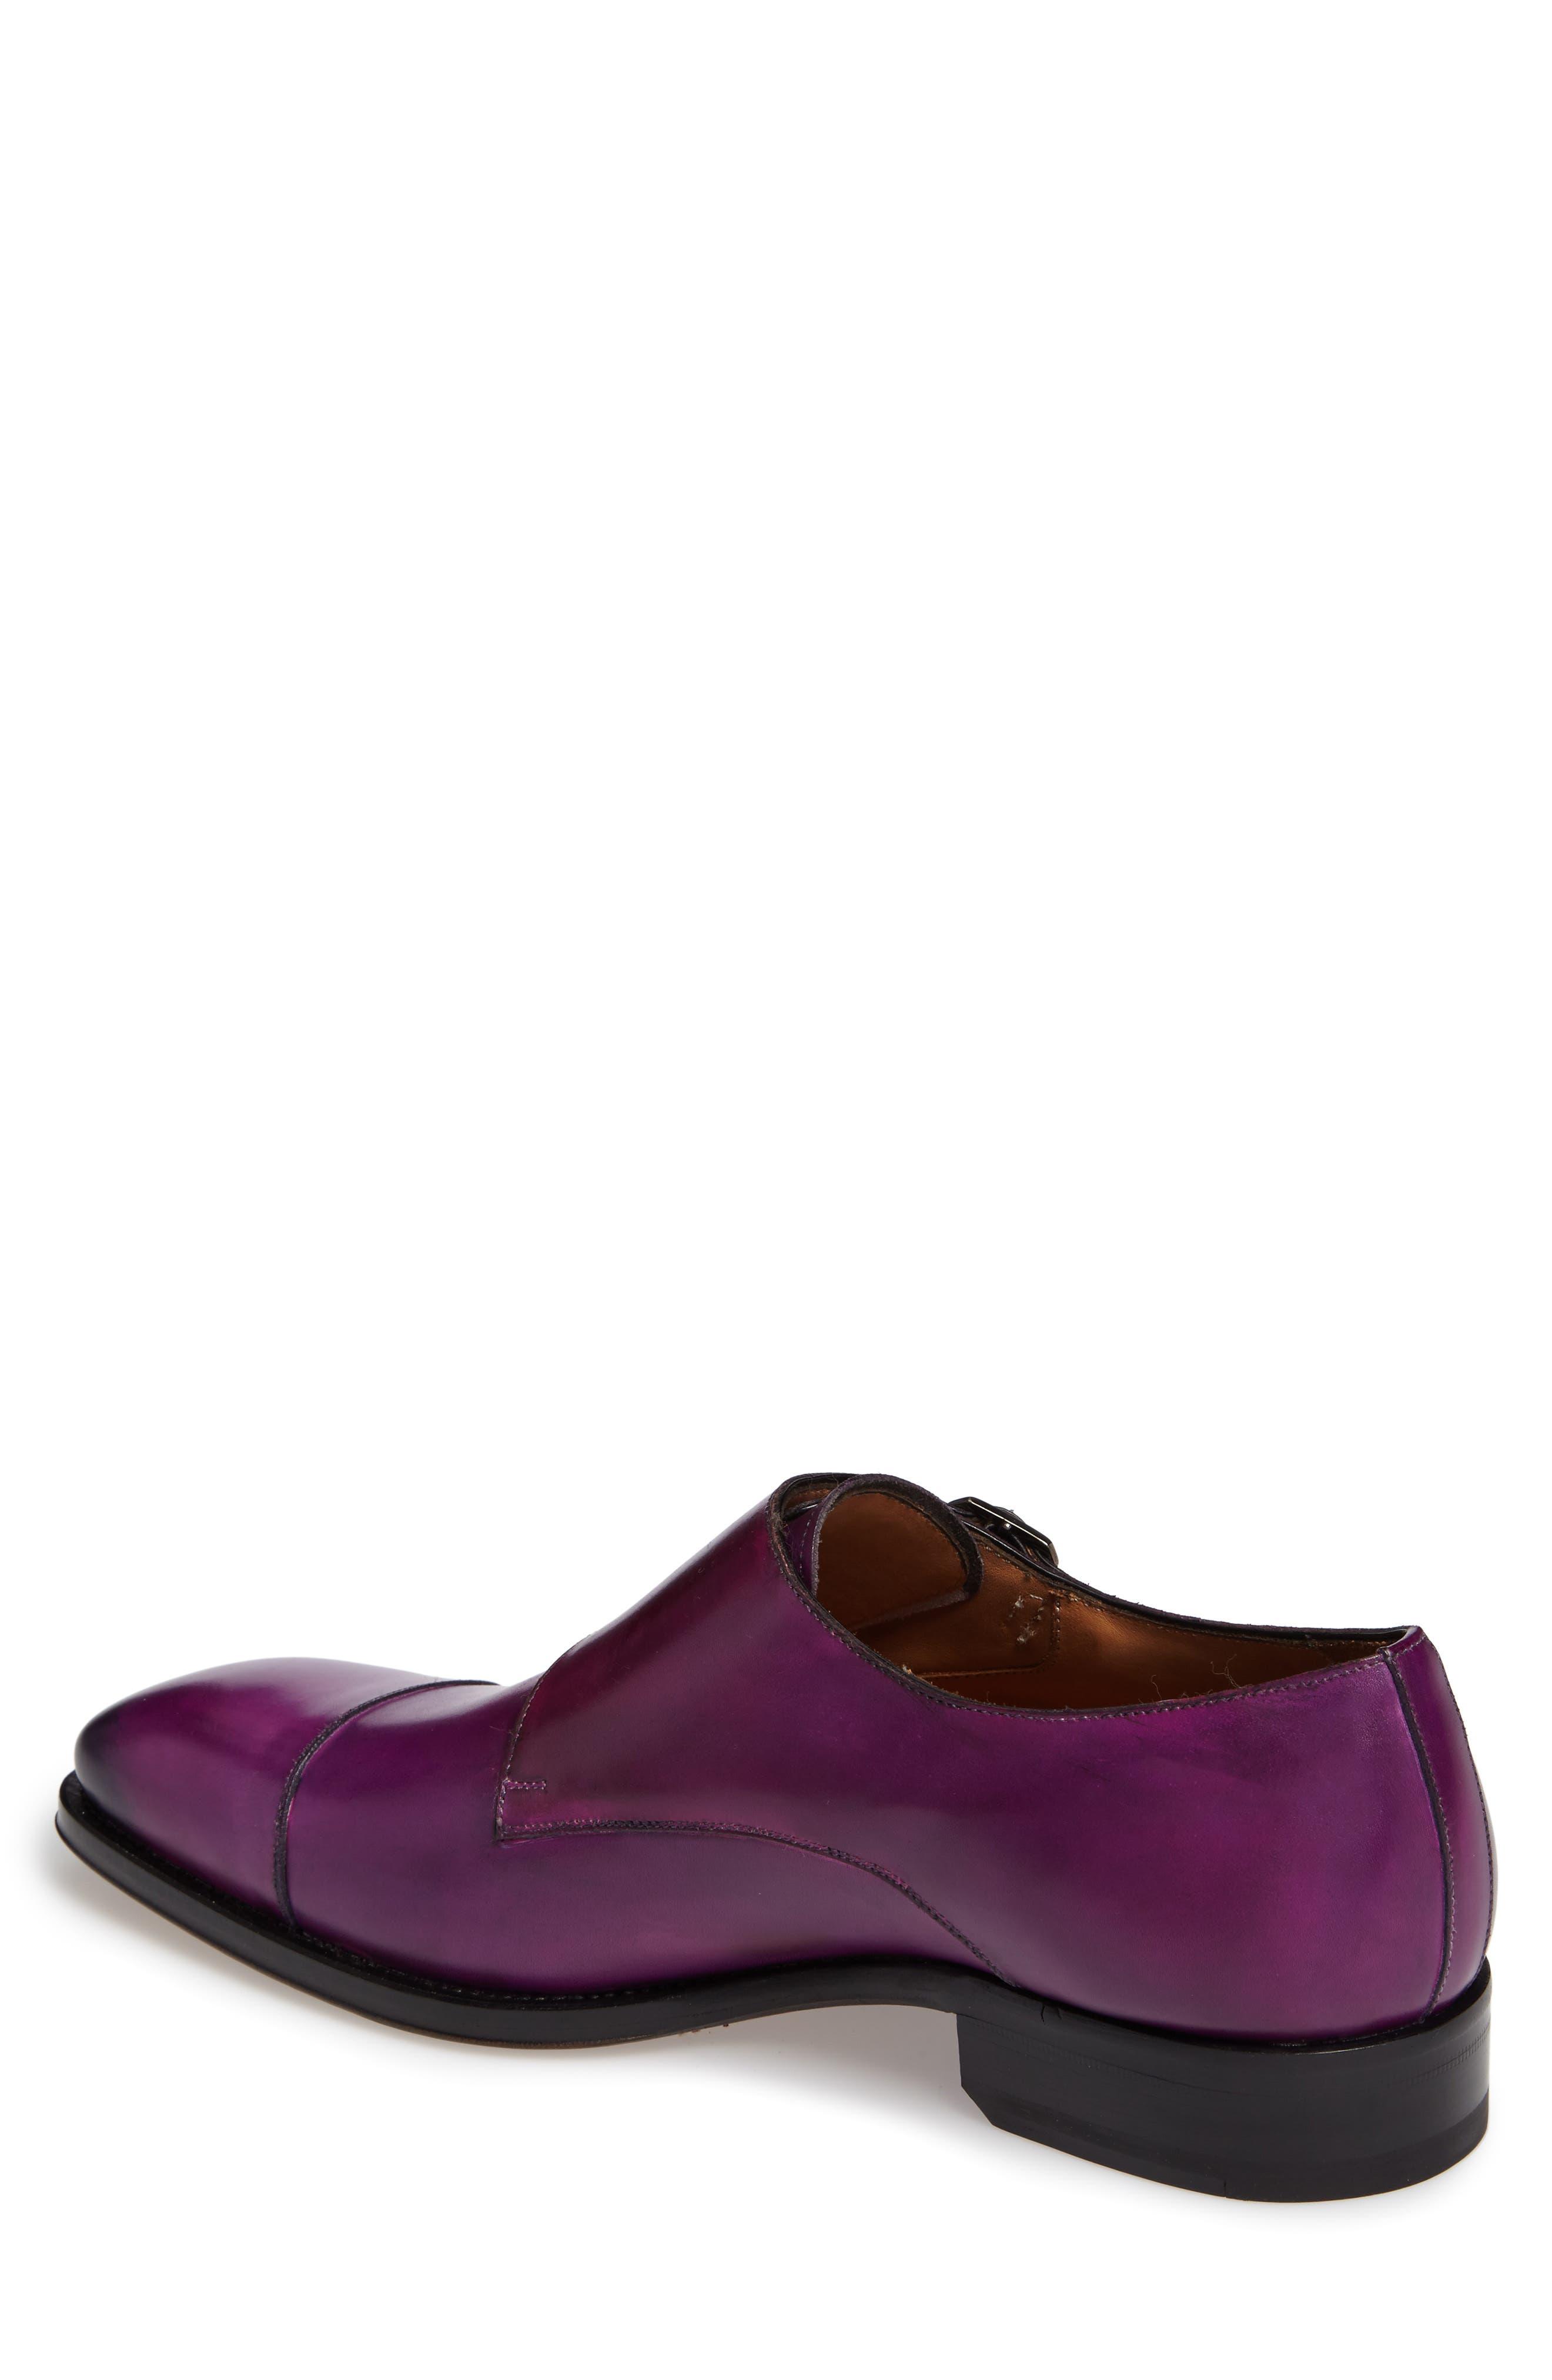 Cajal Double Monk Strap Cap Toe Shoe,                             Alternate thumbnail 7, color,